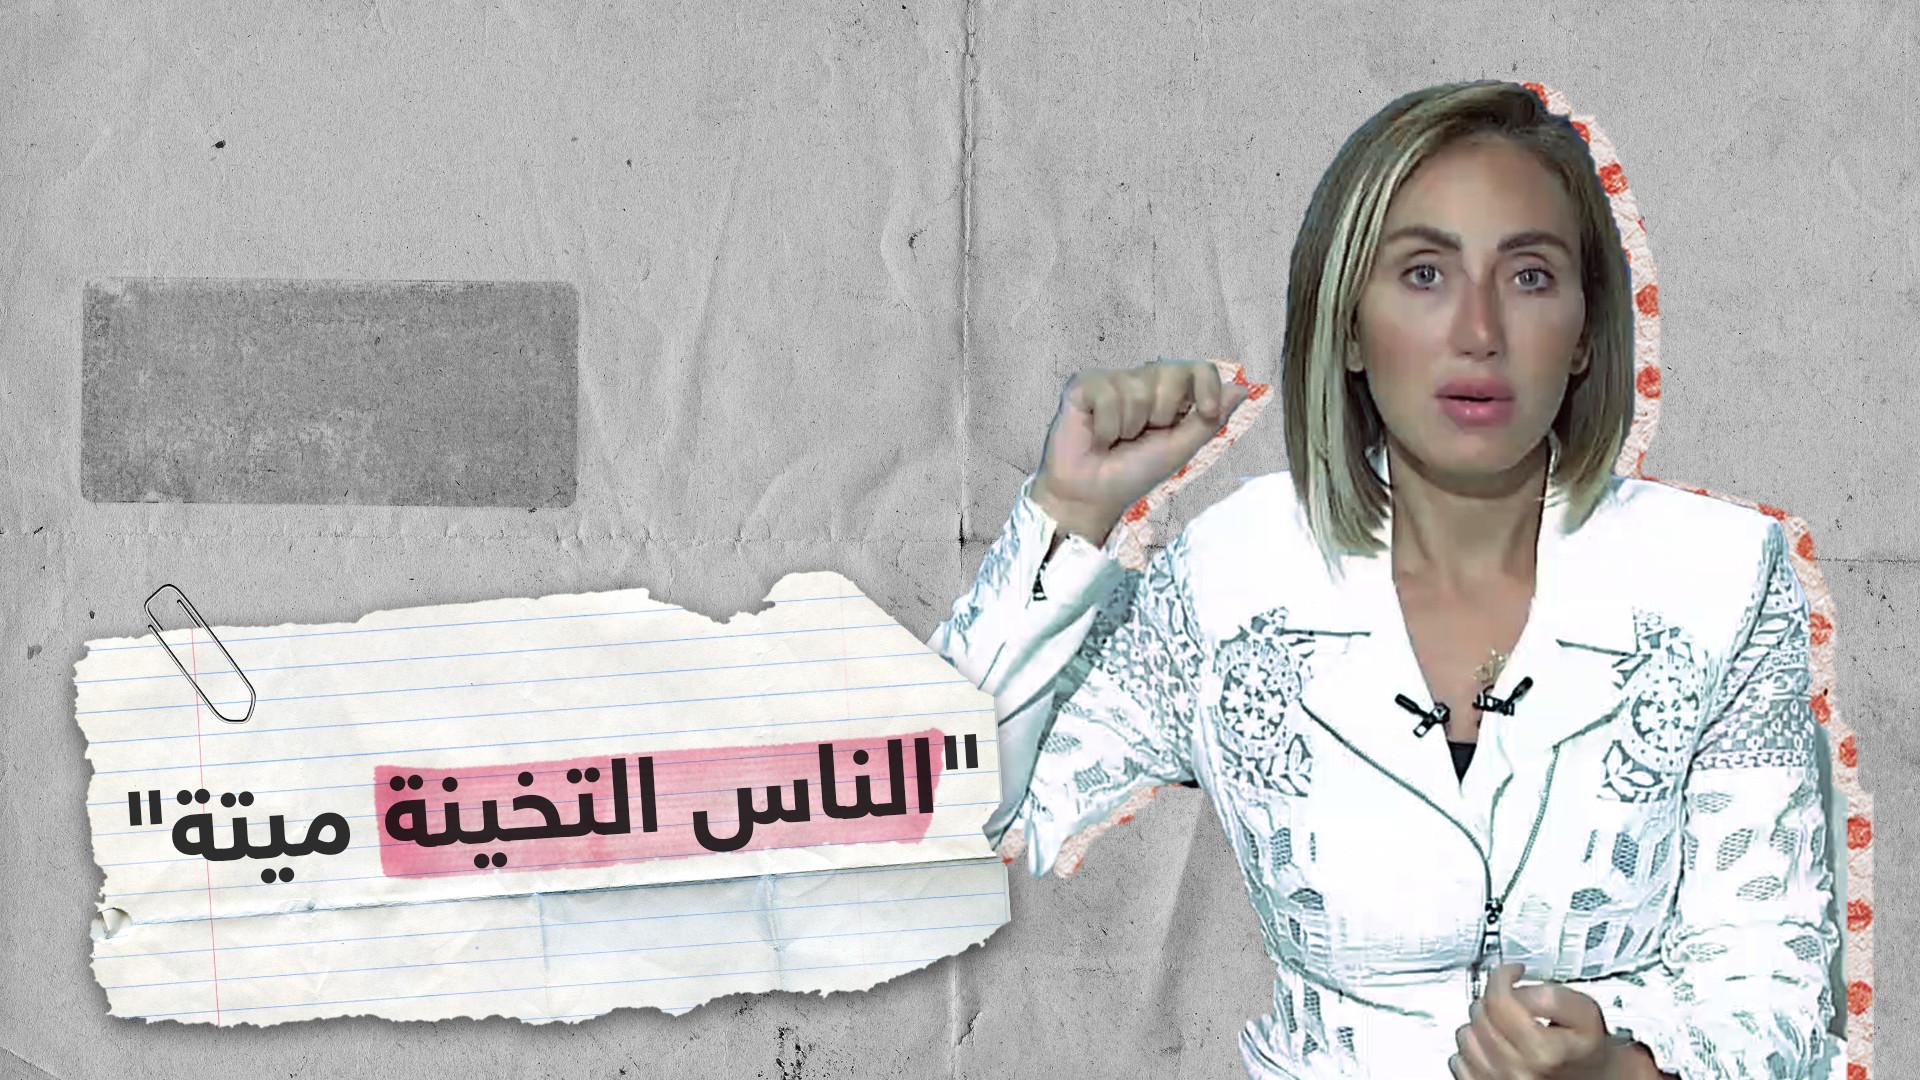 بسبب مهاجمة البدناء.. مواقع التواصل بمصر ترد على المذيعة ريهام سعيد